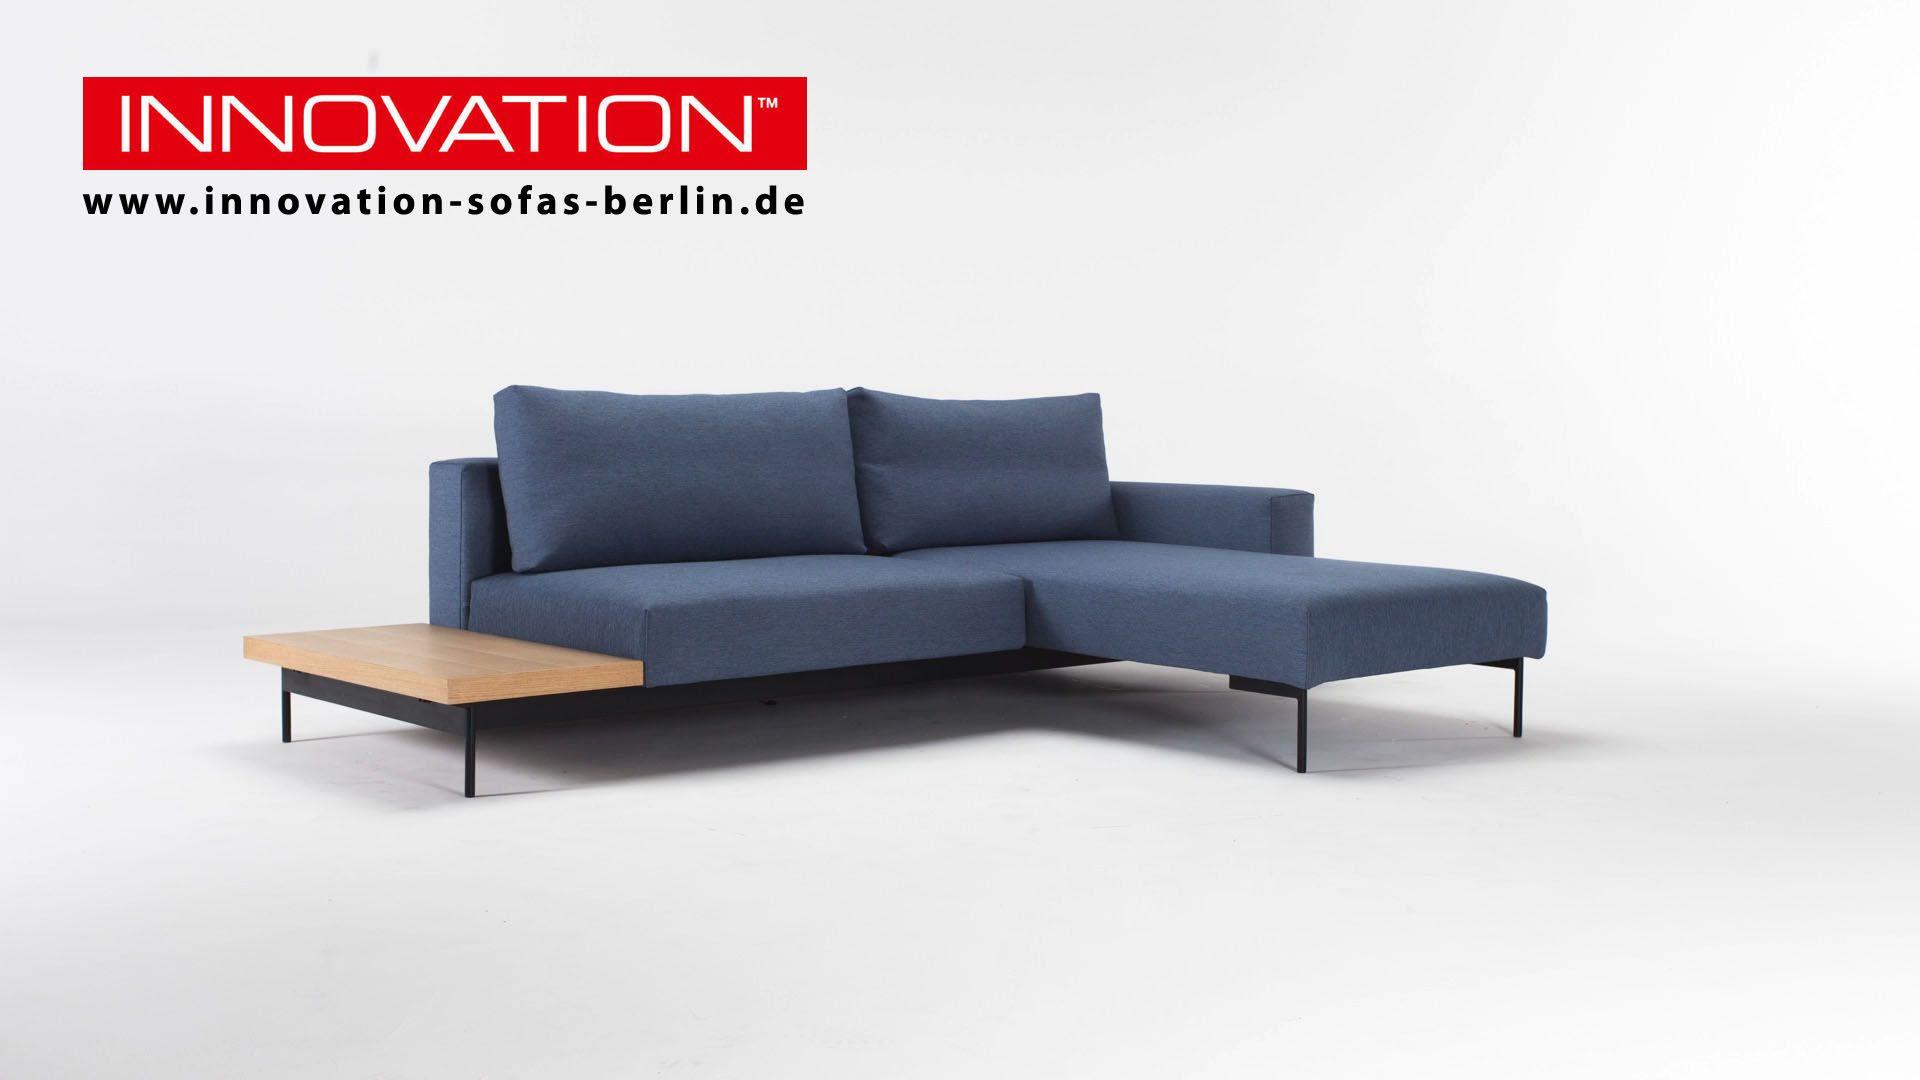 modulares schlafsofa bragi von innovation bei innovation sofas berlin sofas schlafsofa sofa. Black Bedroom Furniture Sets. Home Design Ideas